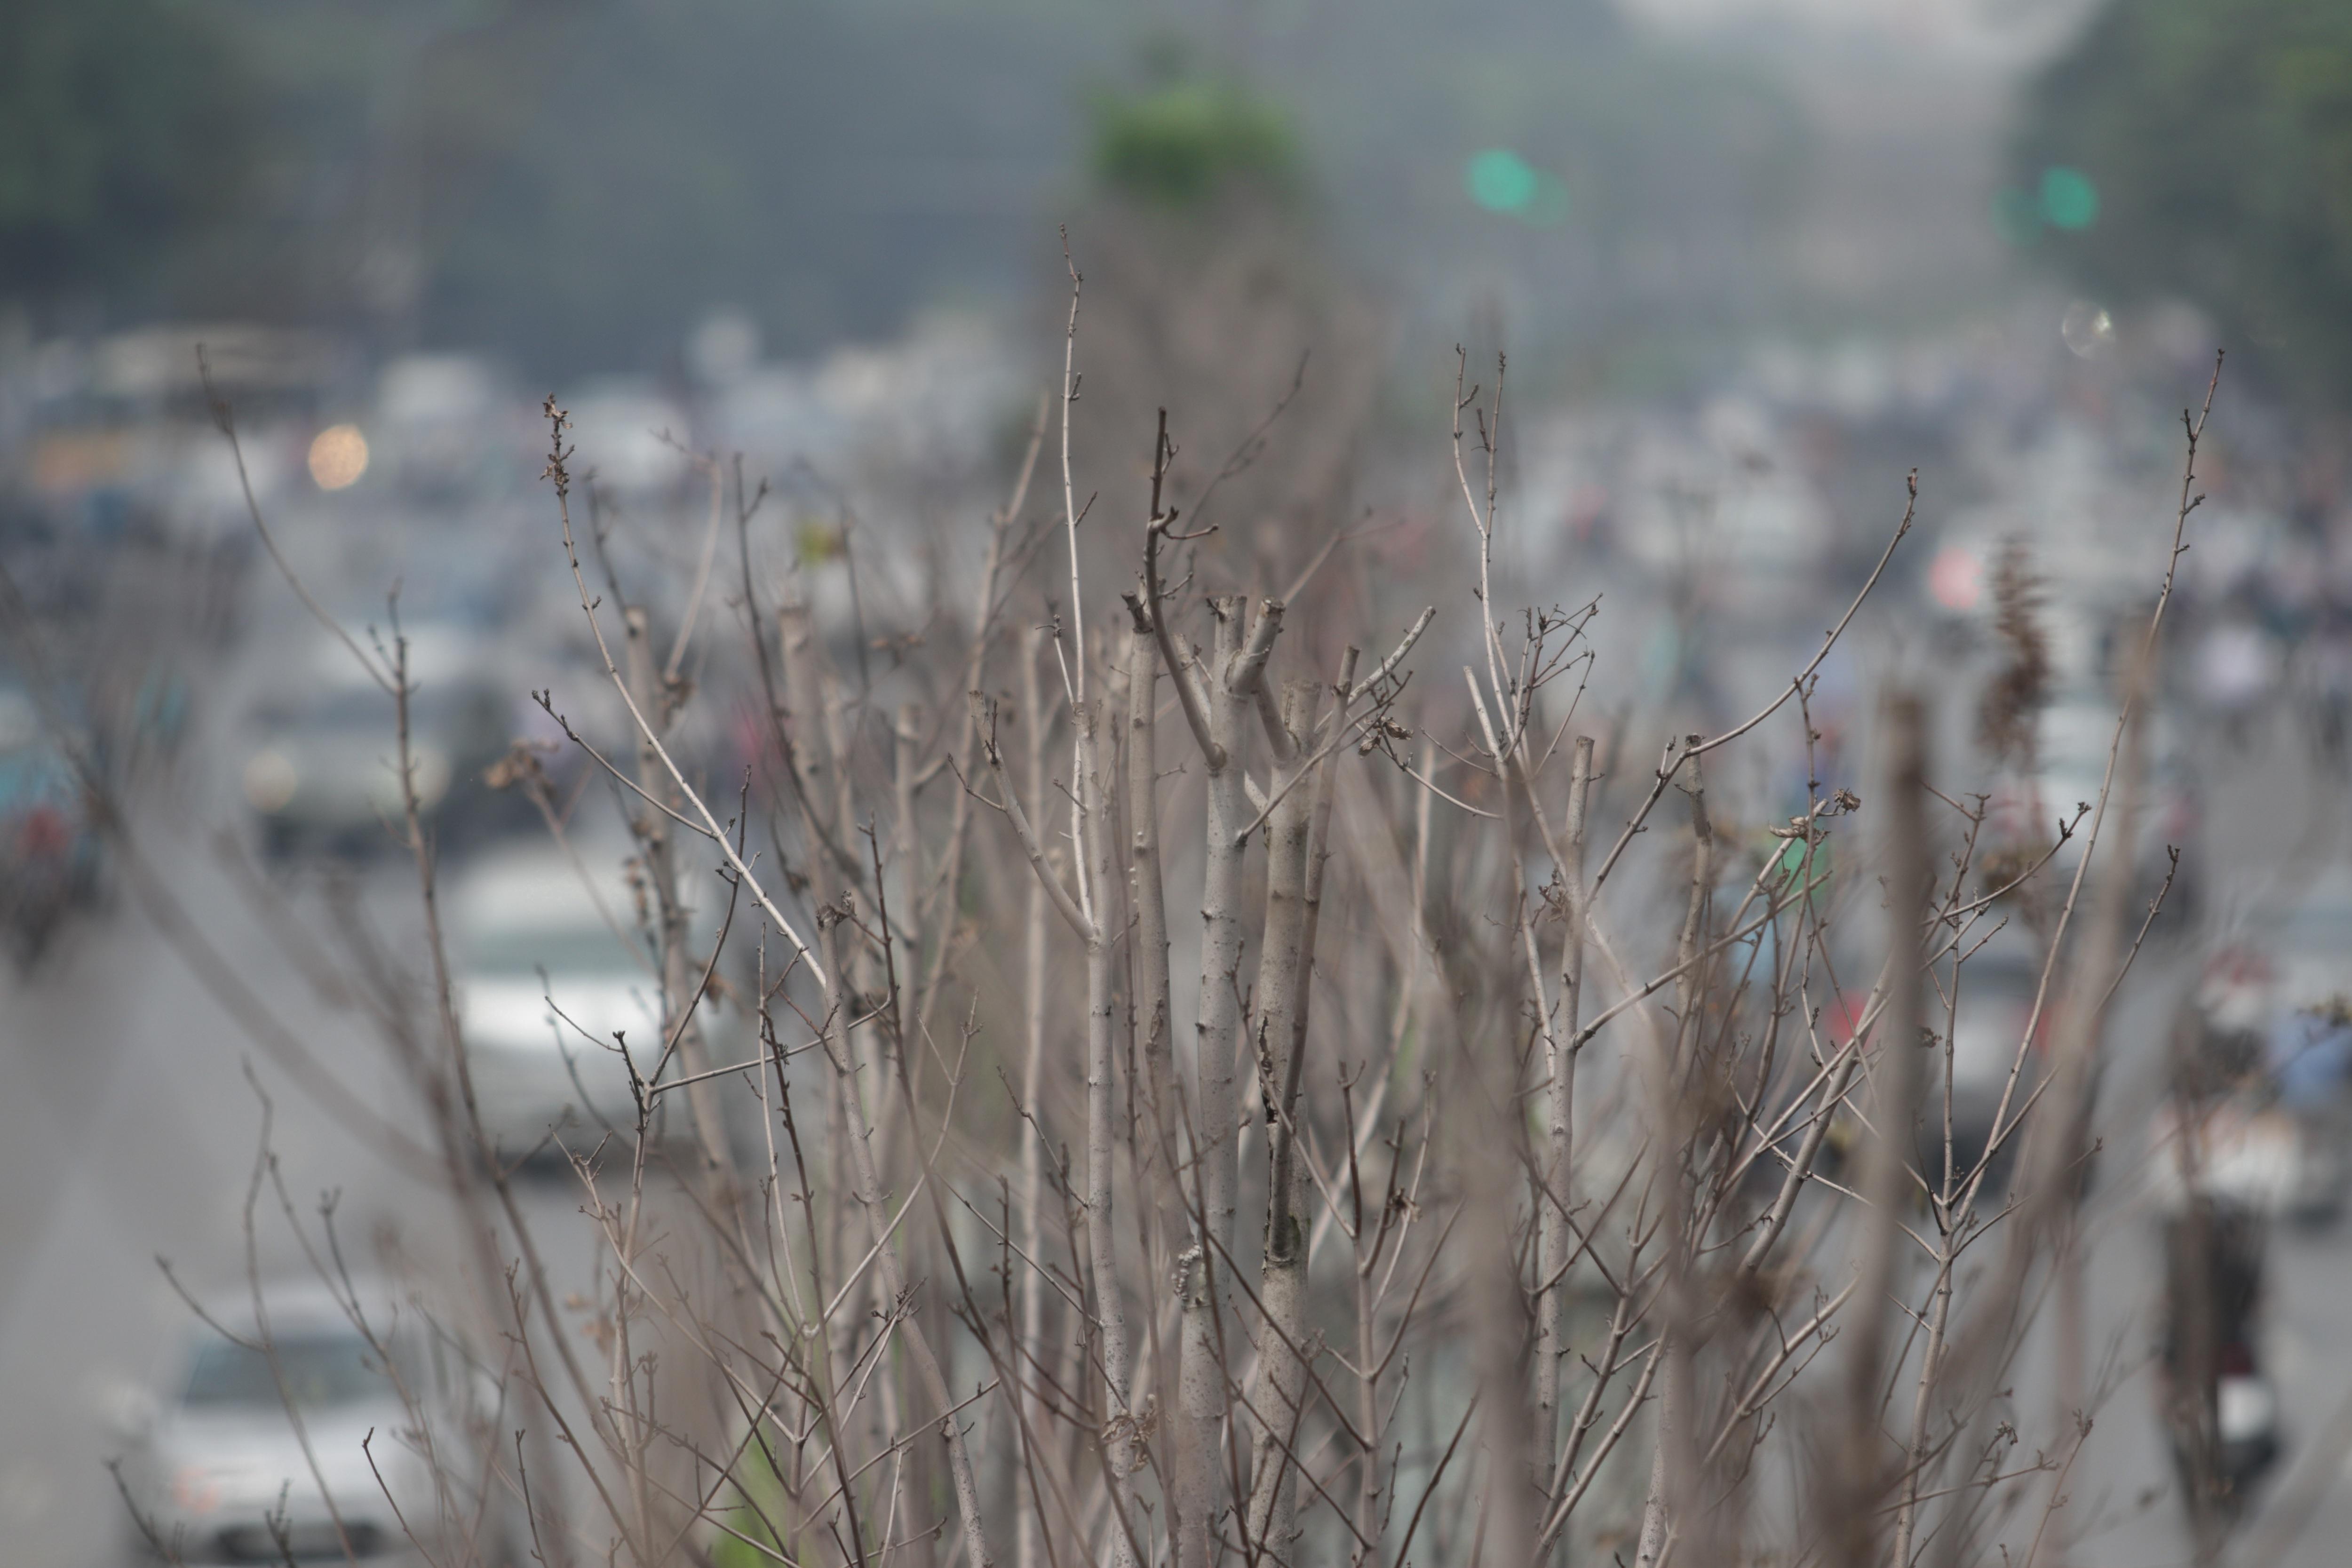 Nắng nóng thiêu đốt hàng trăm cây phong lá đỏ sống như chết khô - 9